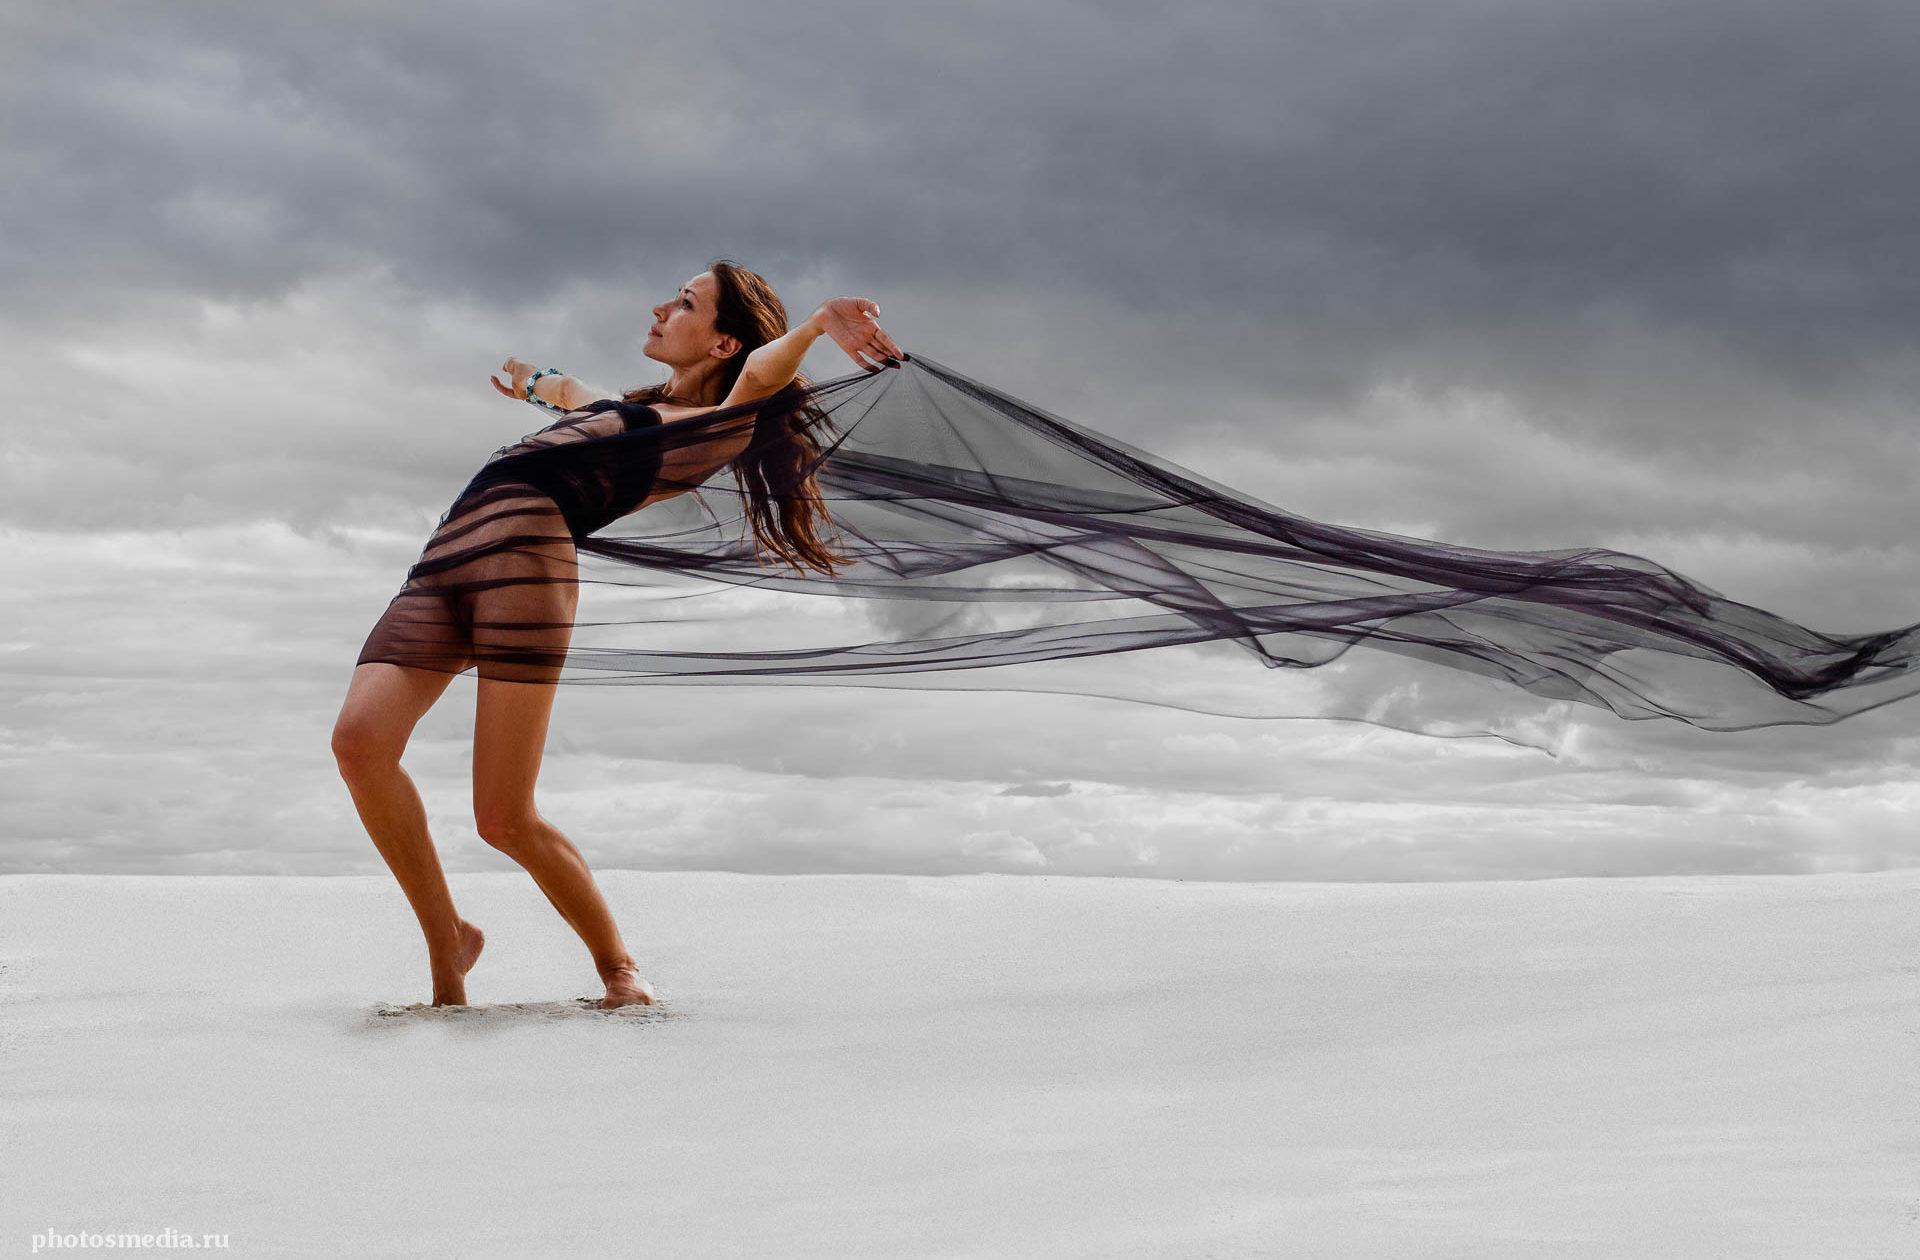 """Пленер 2013. """"Ветер и песок"""". Ветер в чёрном. Фотограф Вадим Кукшинов. Модель Дарья Лянка."""